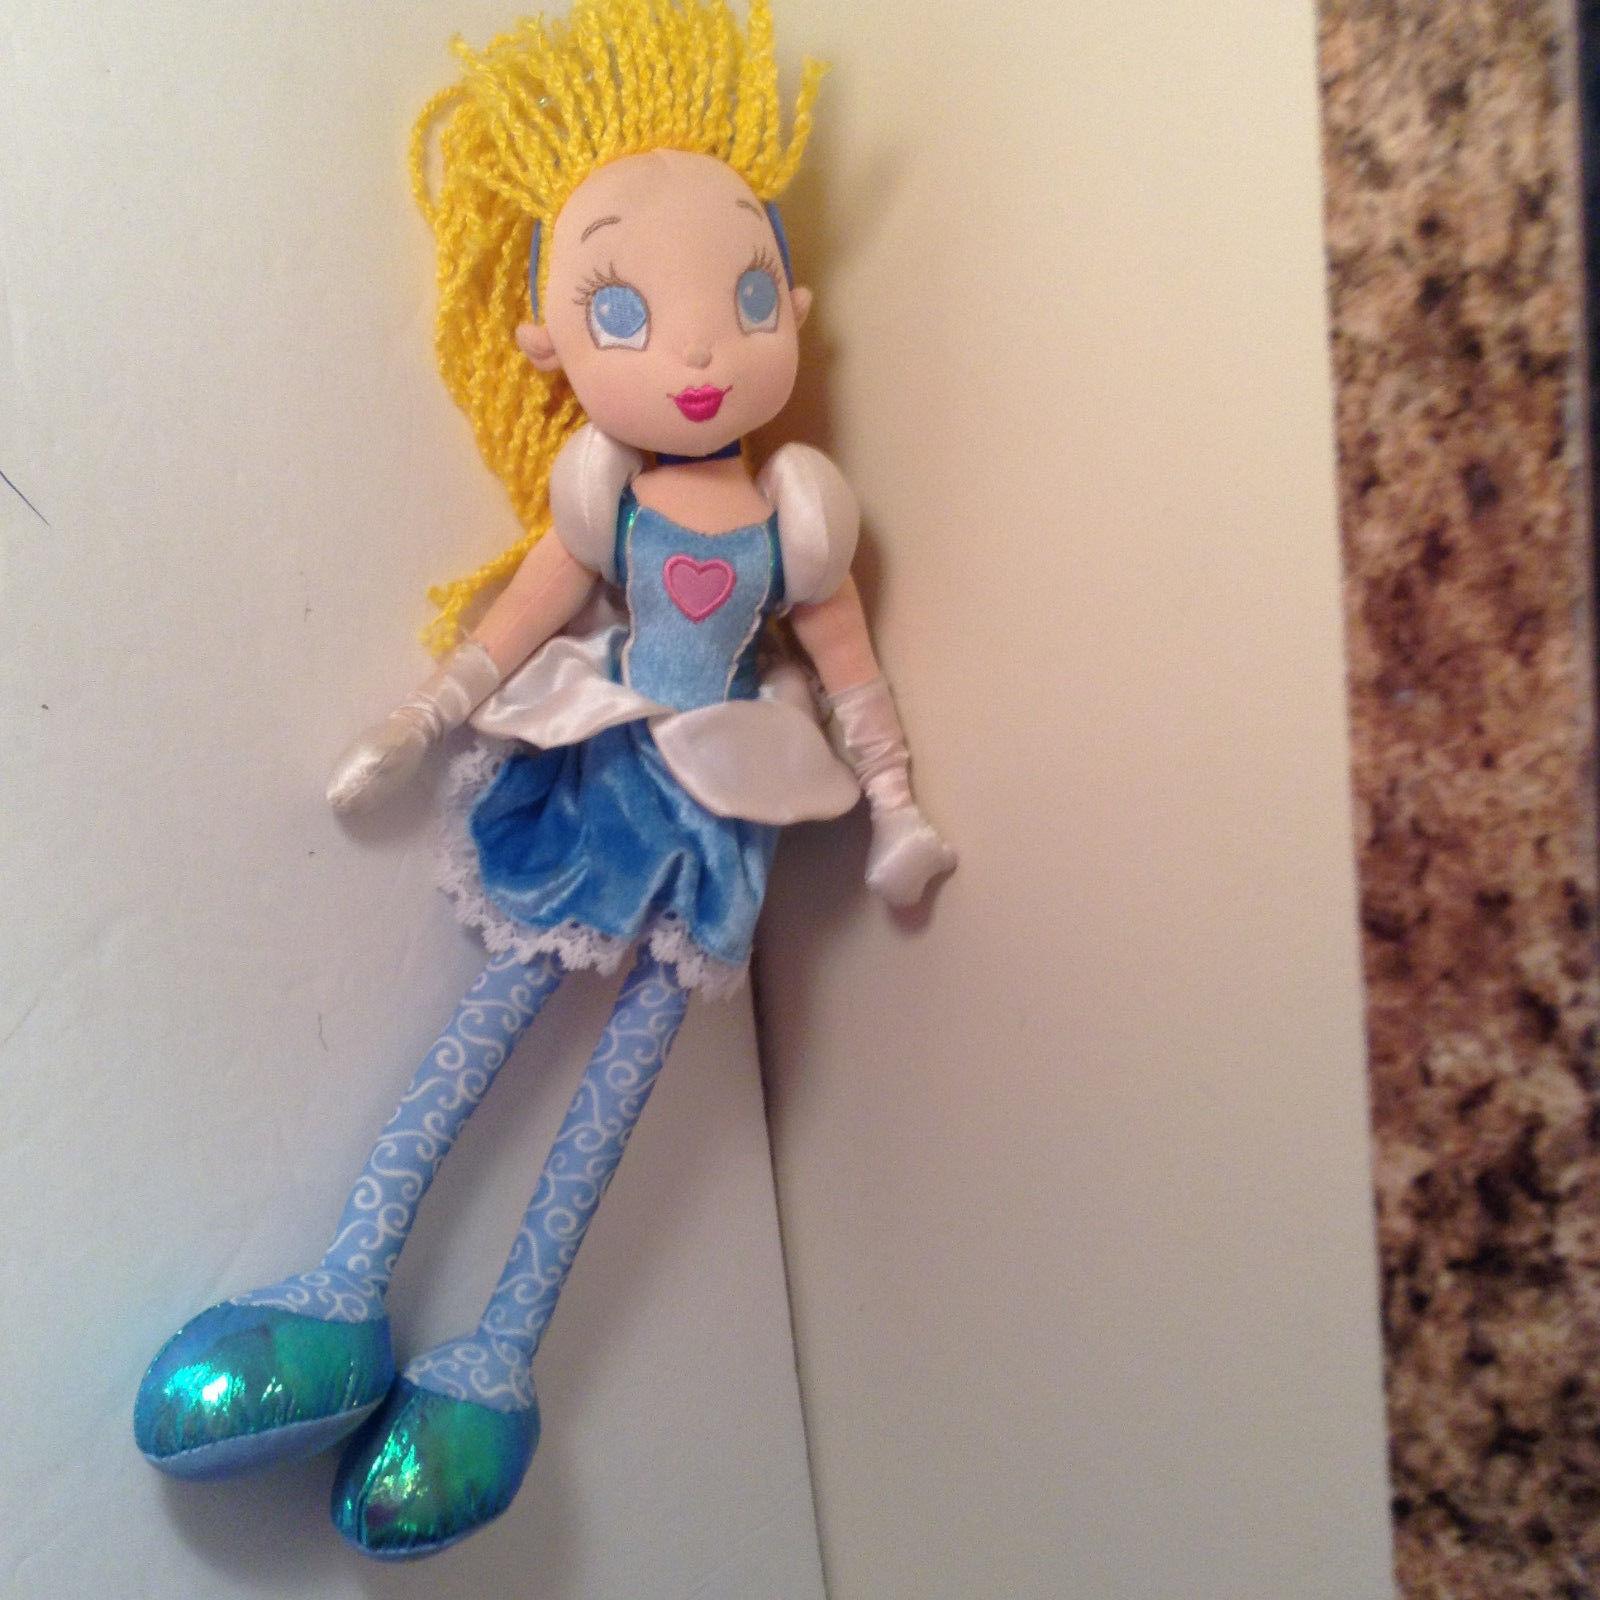 Cinderella Soft Toy Doll : Disney soft toy plush cinderella cindarella and similar